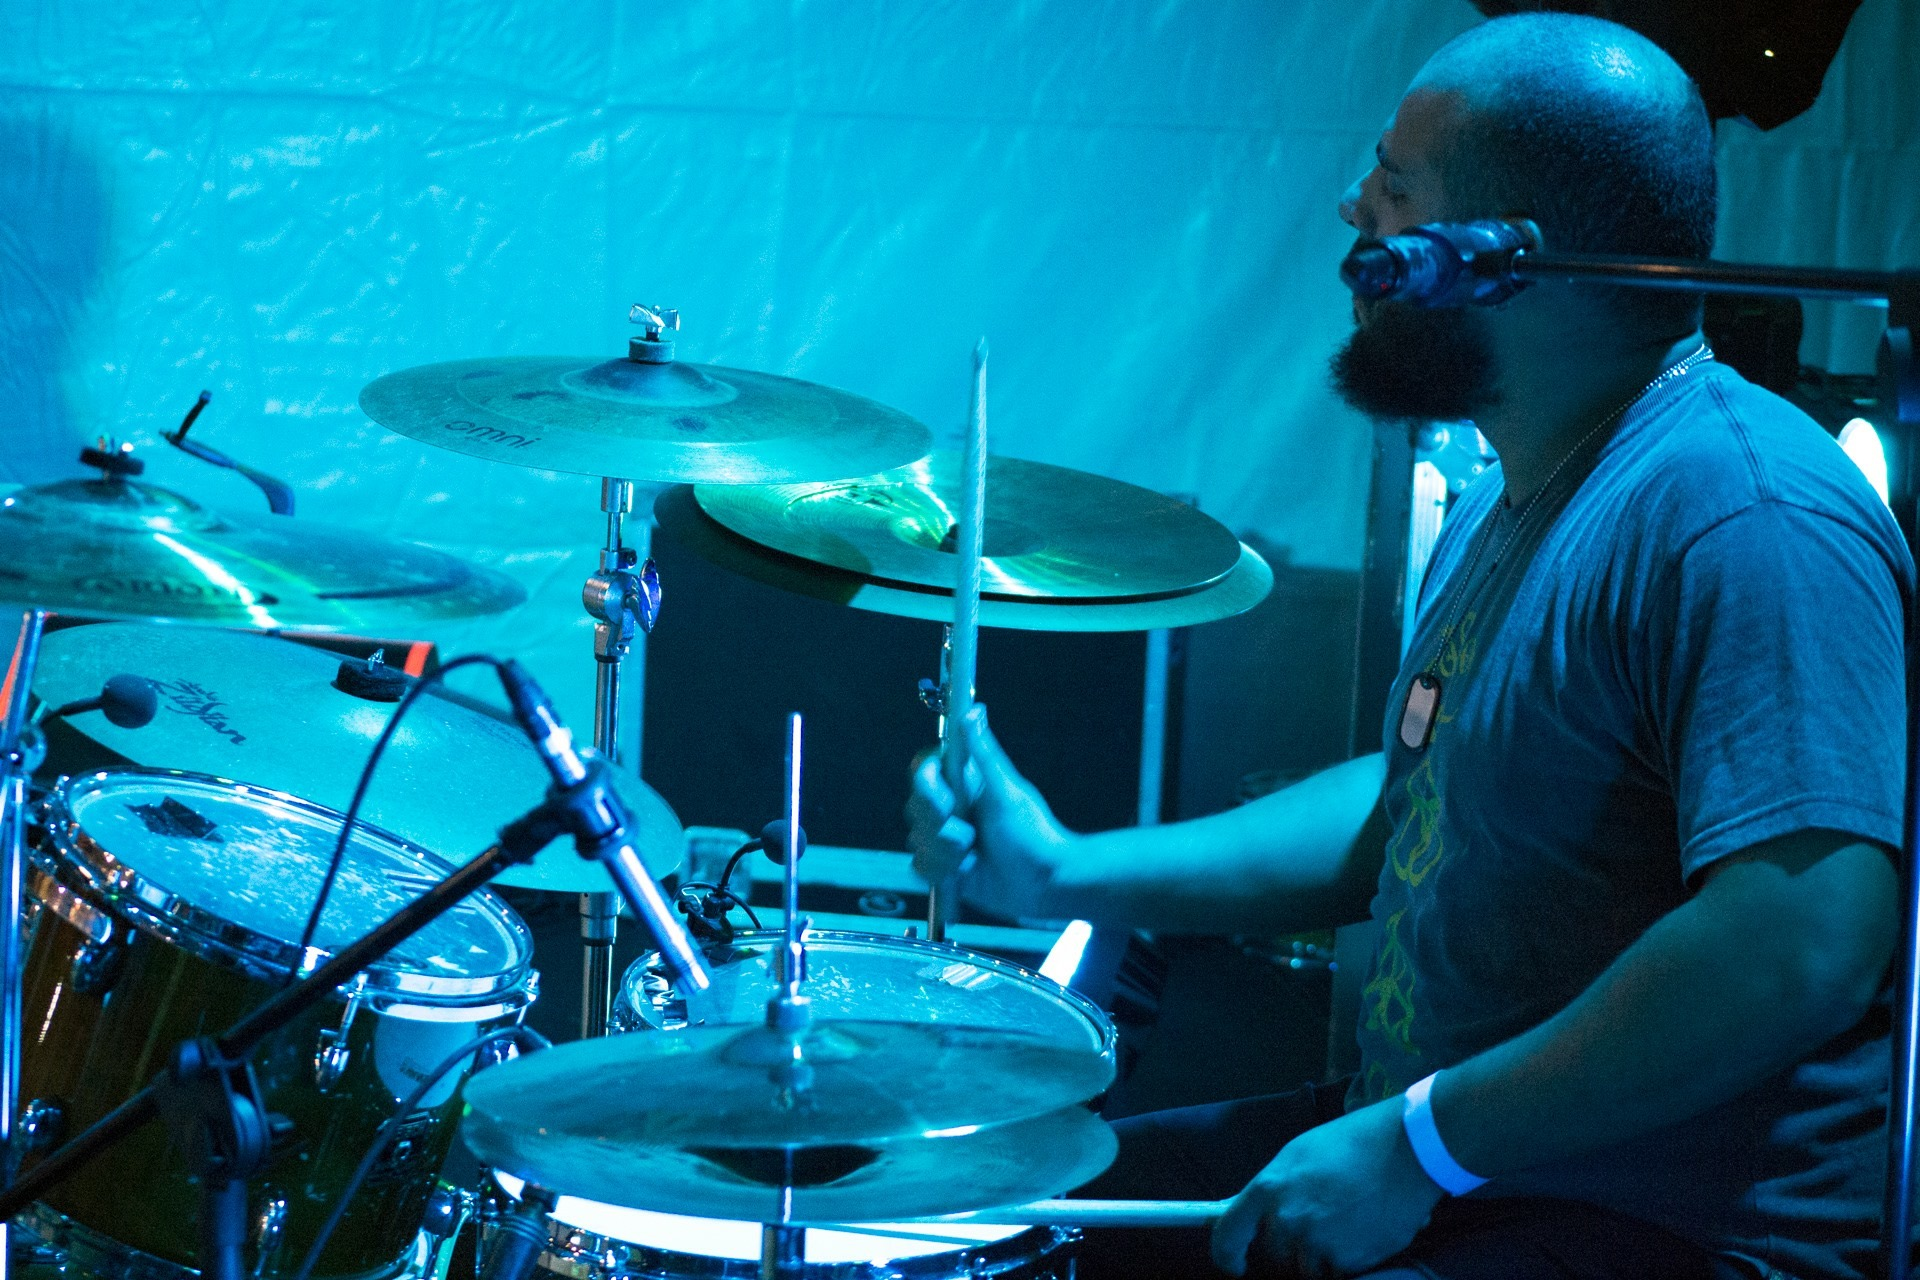 Diego Denucci